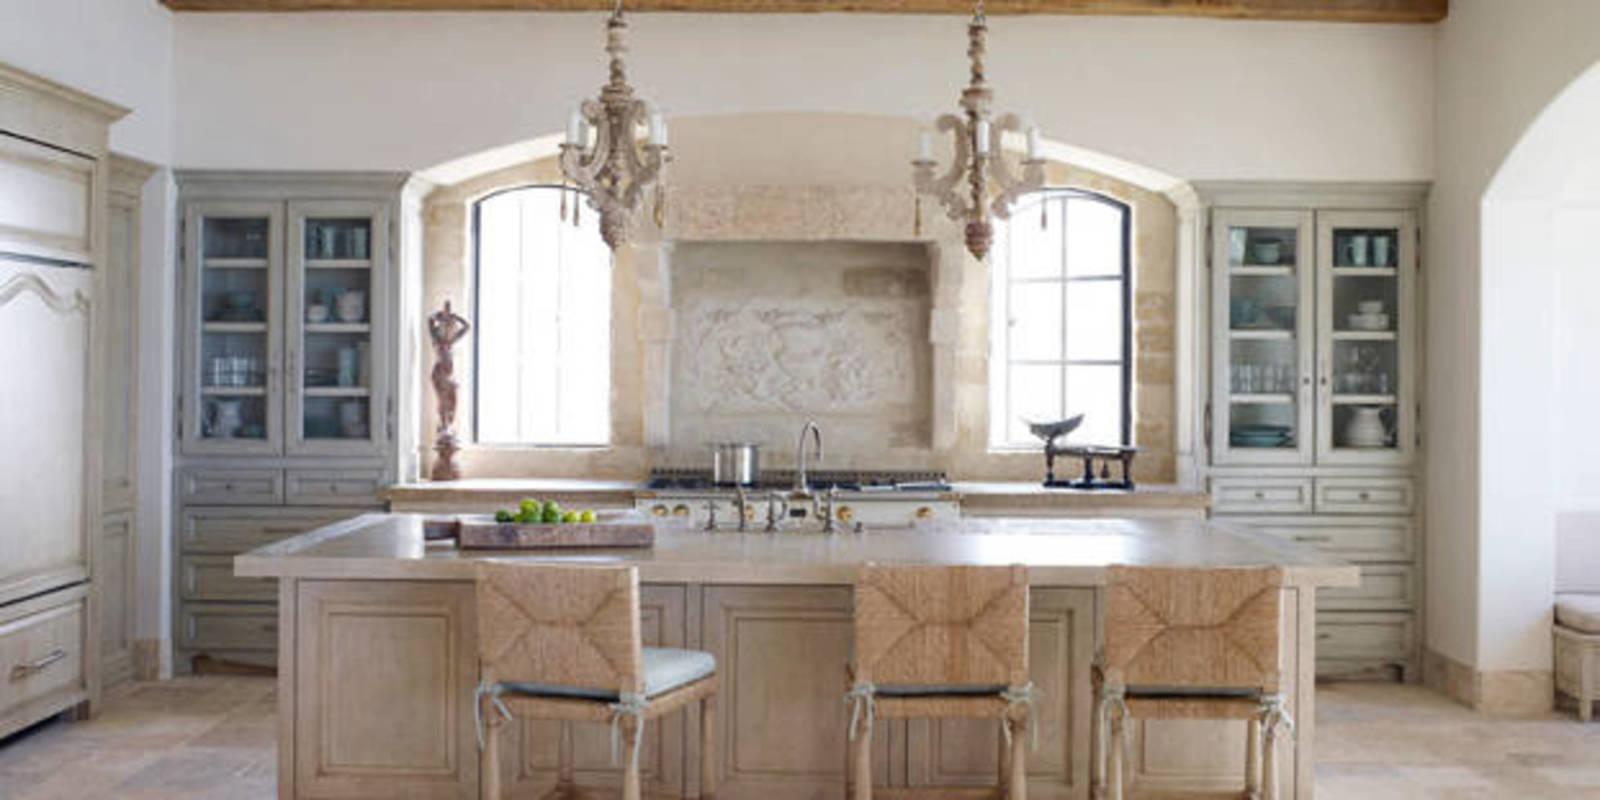 Best Kitchen Decorating Tips